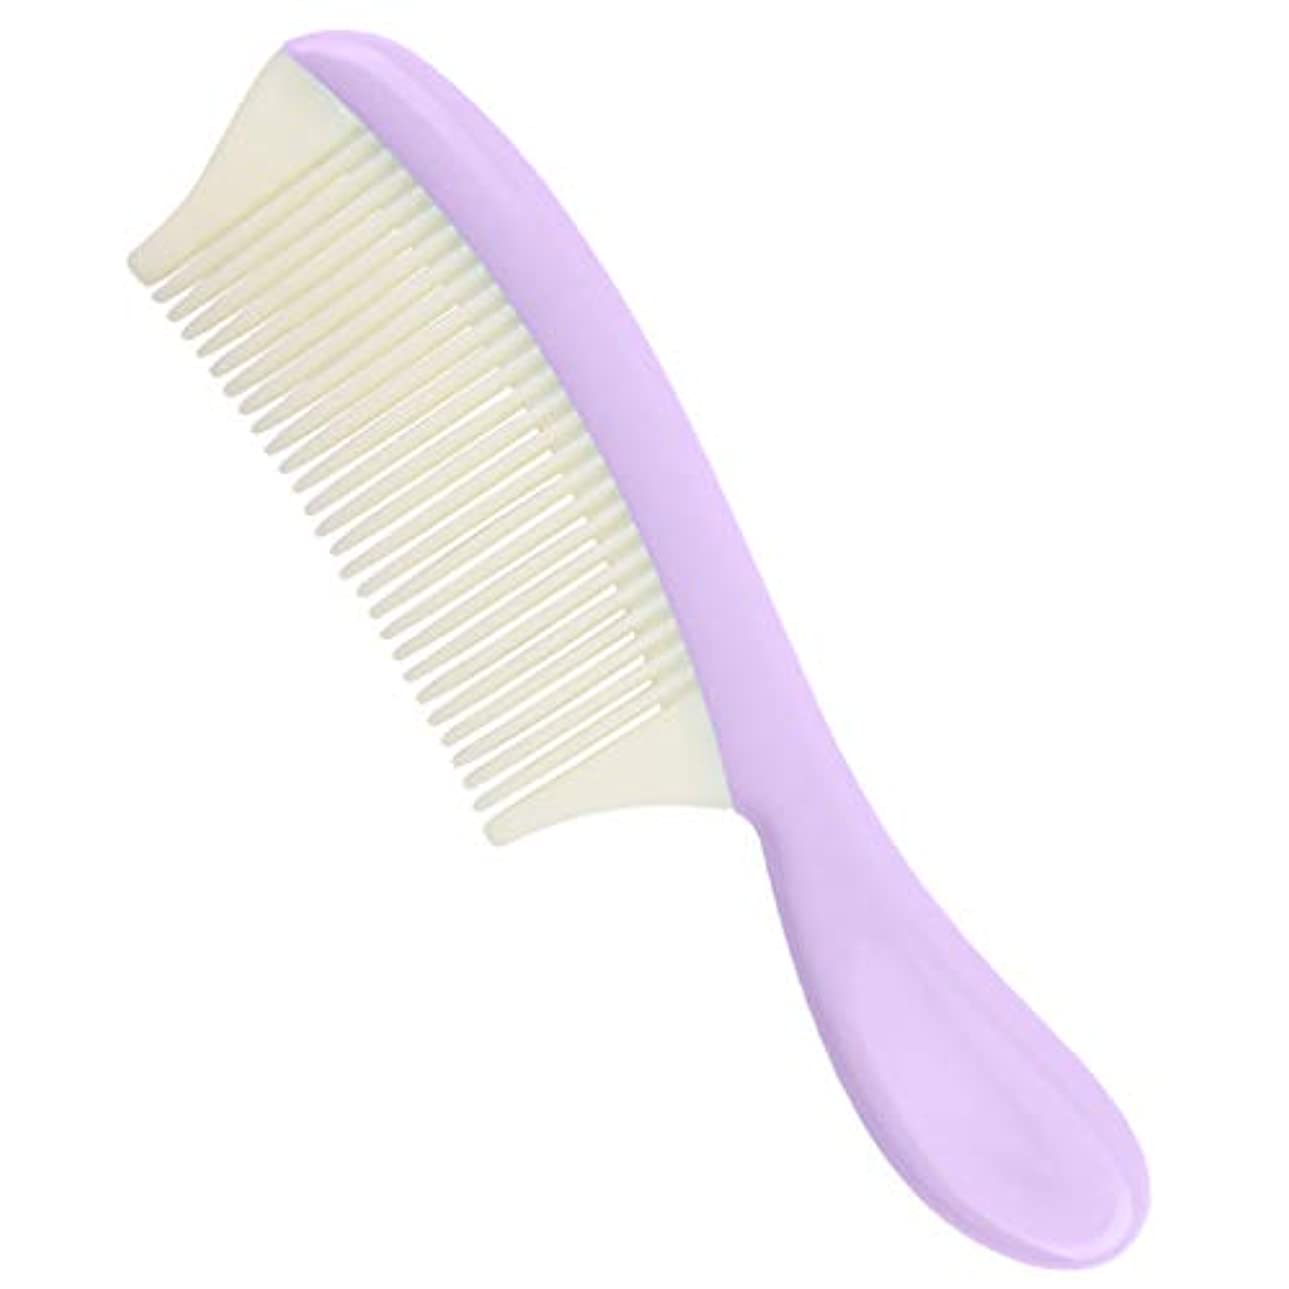 珍しいサージクッションP Prettyia プラスチック ヘアコーム 取り外し可能 細かい歯 髪の櫛 全4色 - 紫